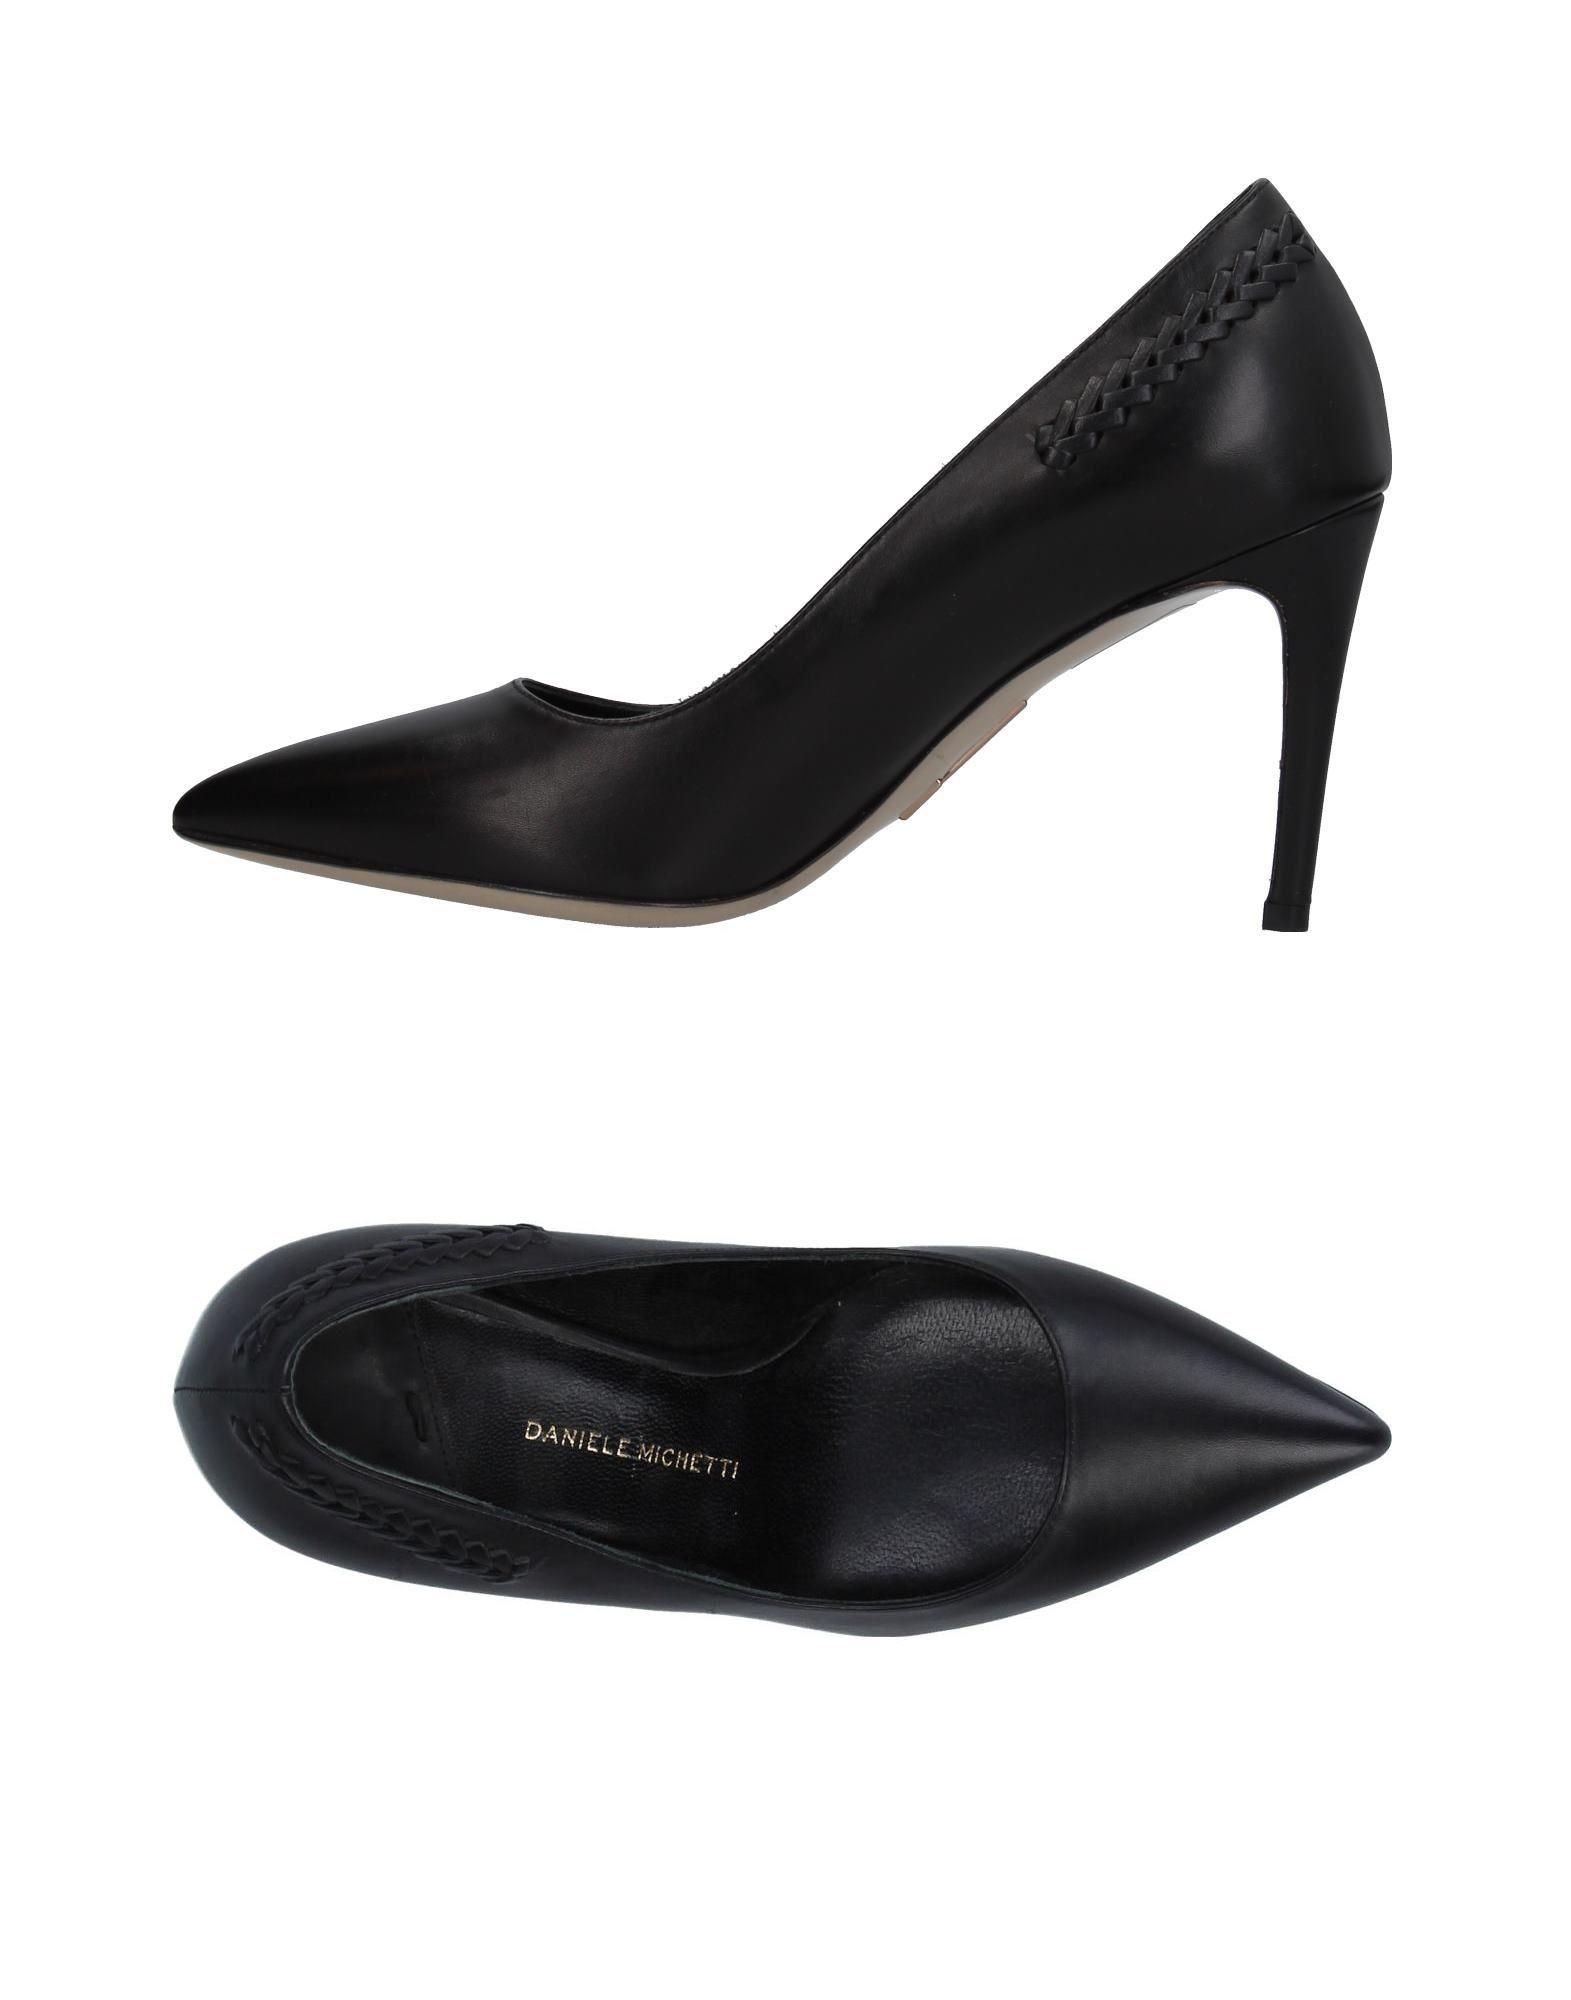 купить DANIELE MICHETTI Туфли дешево